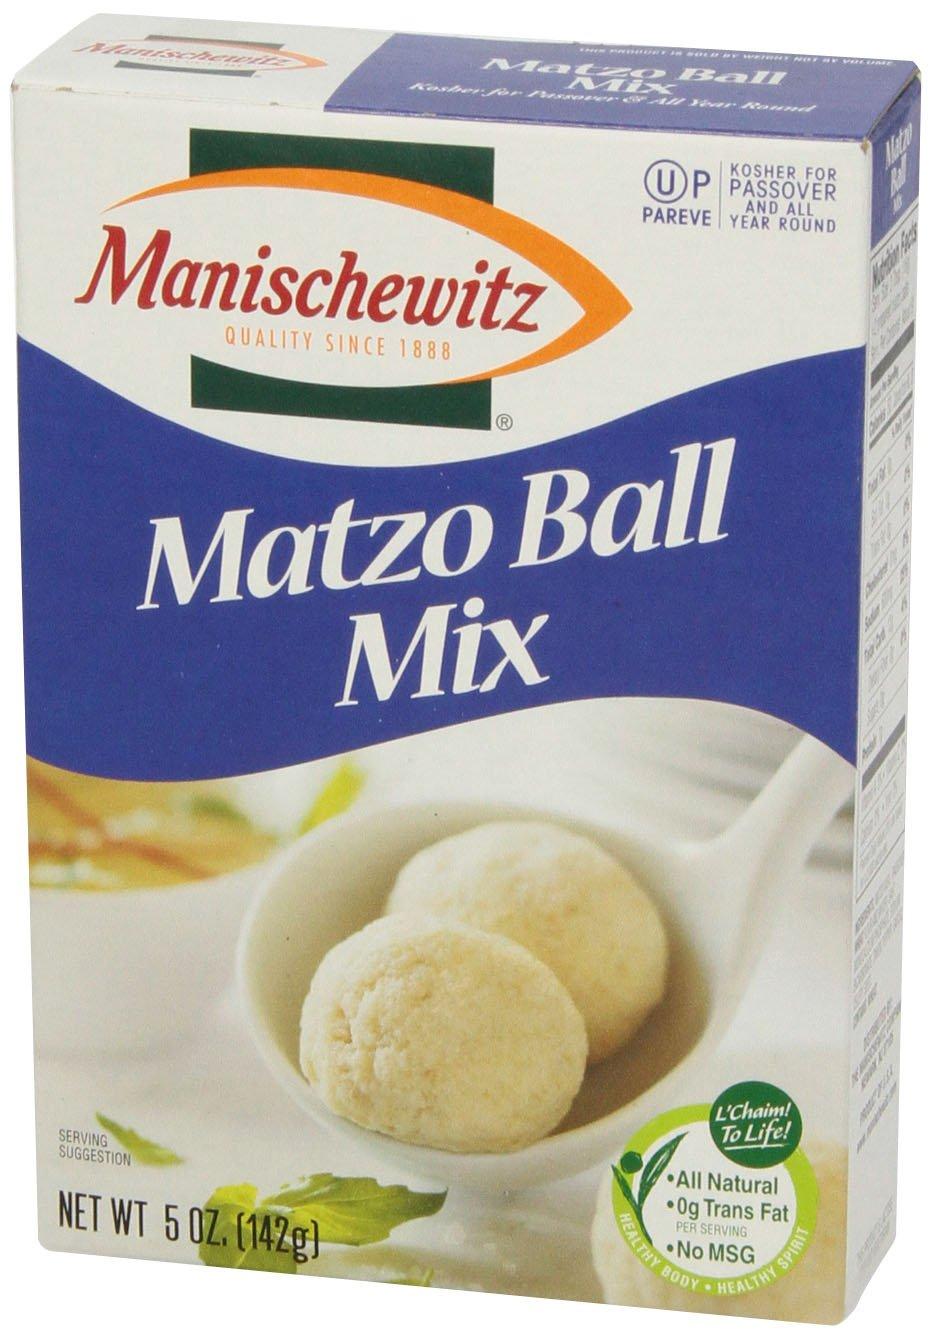 Manischewitz Matzo Ball Mix, 5 oz by Manischewitz